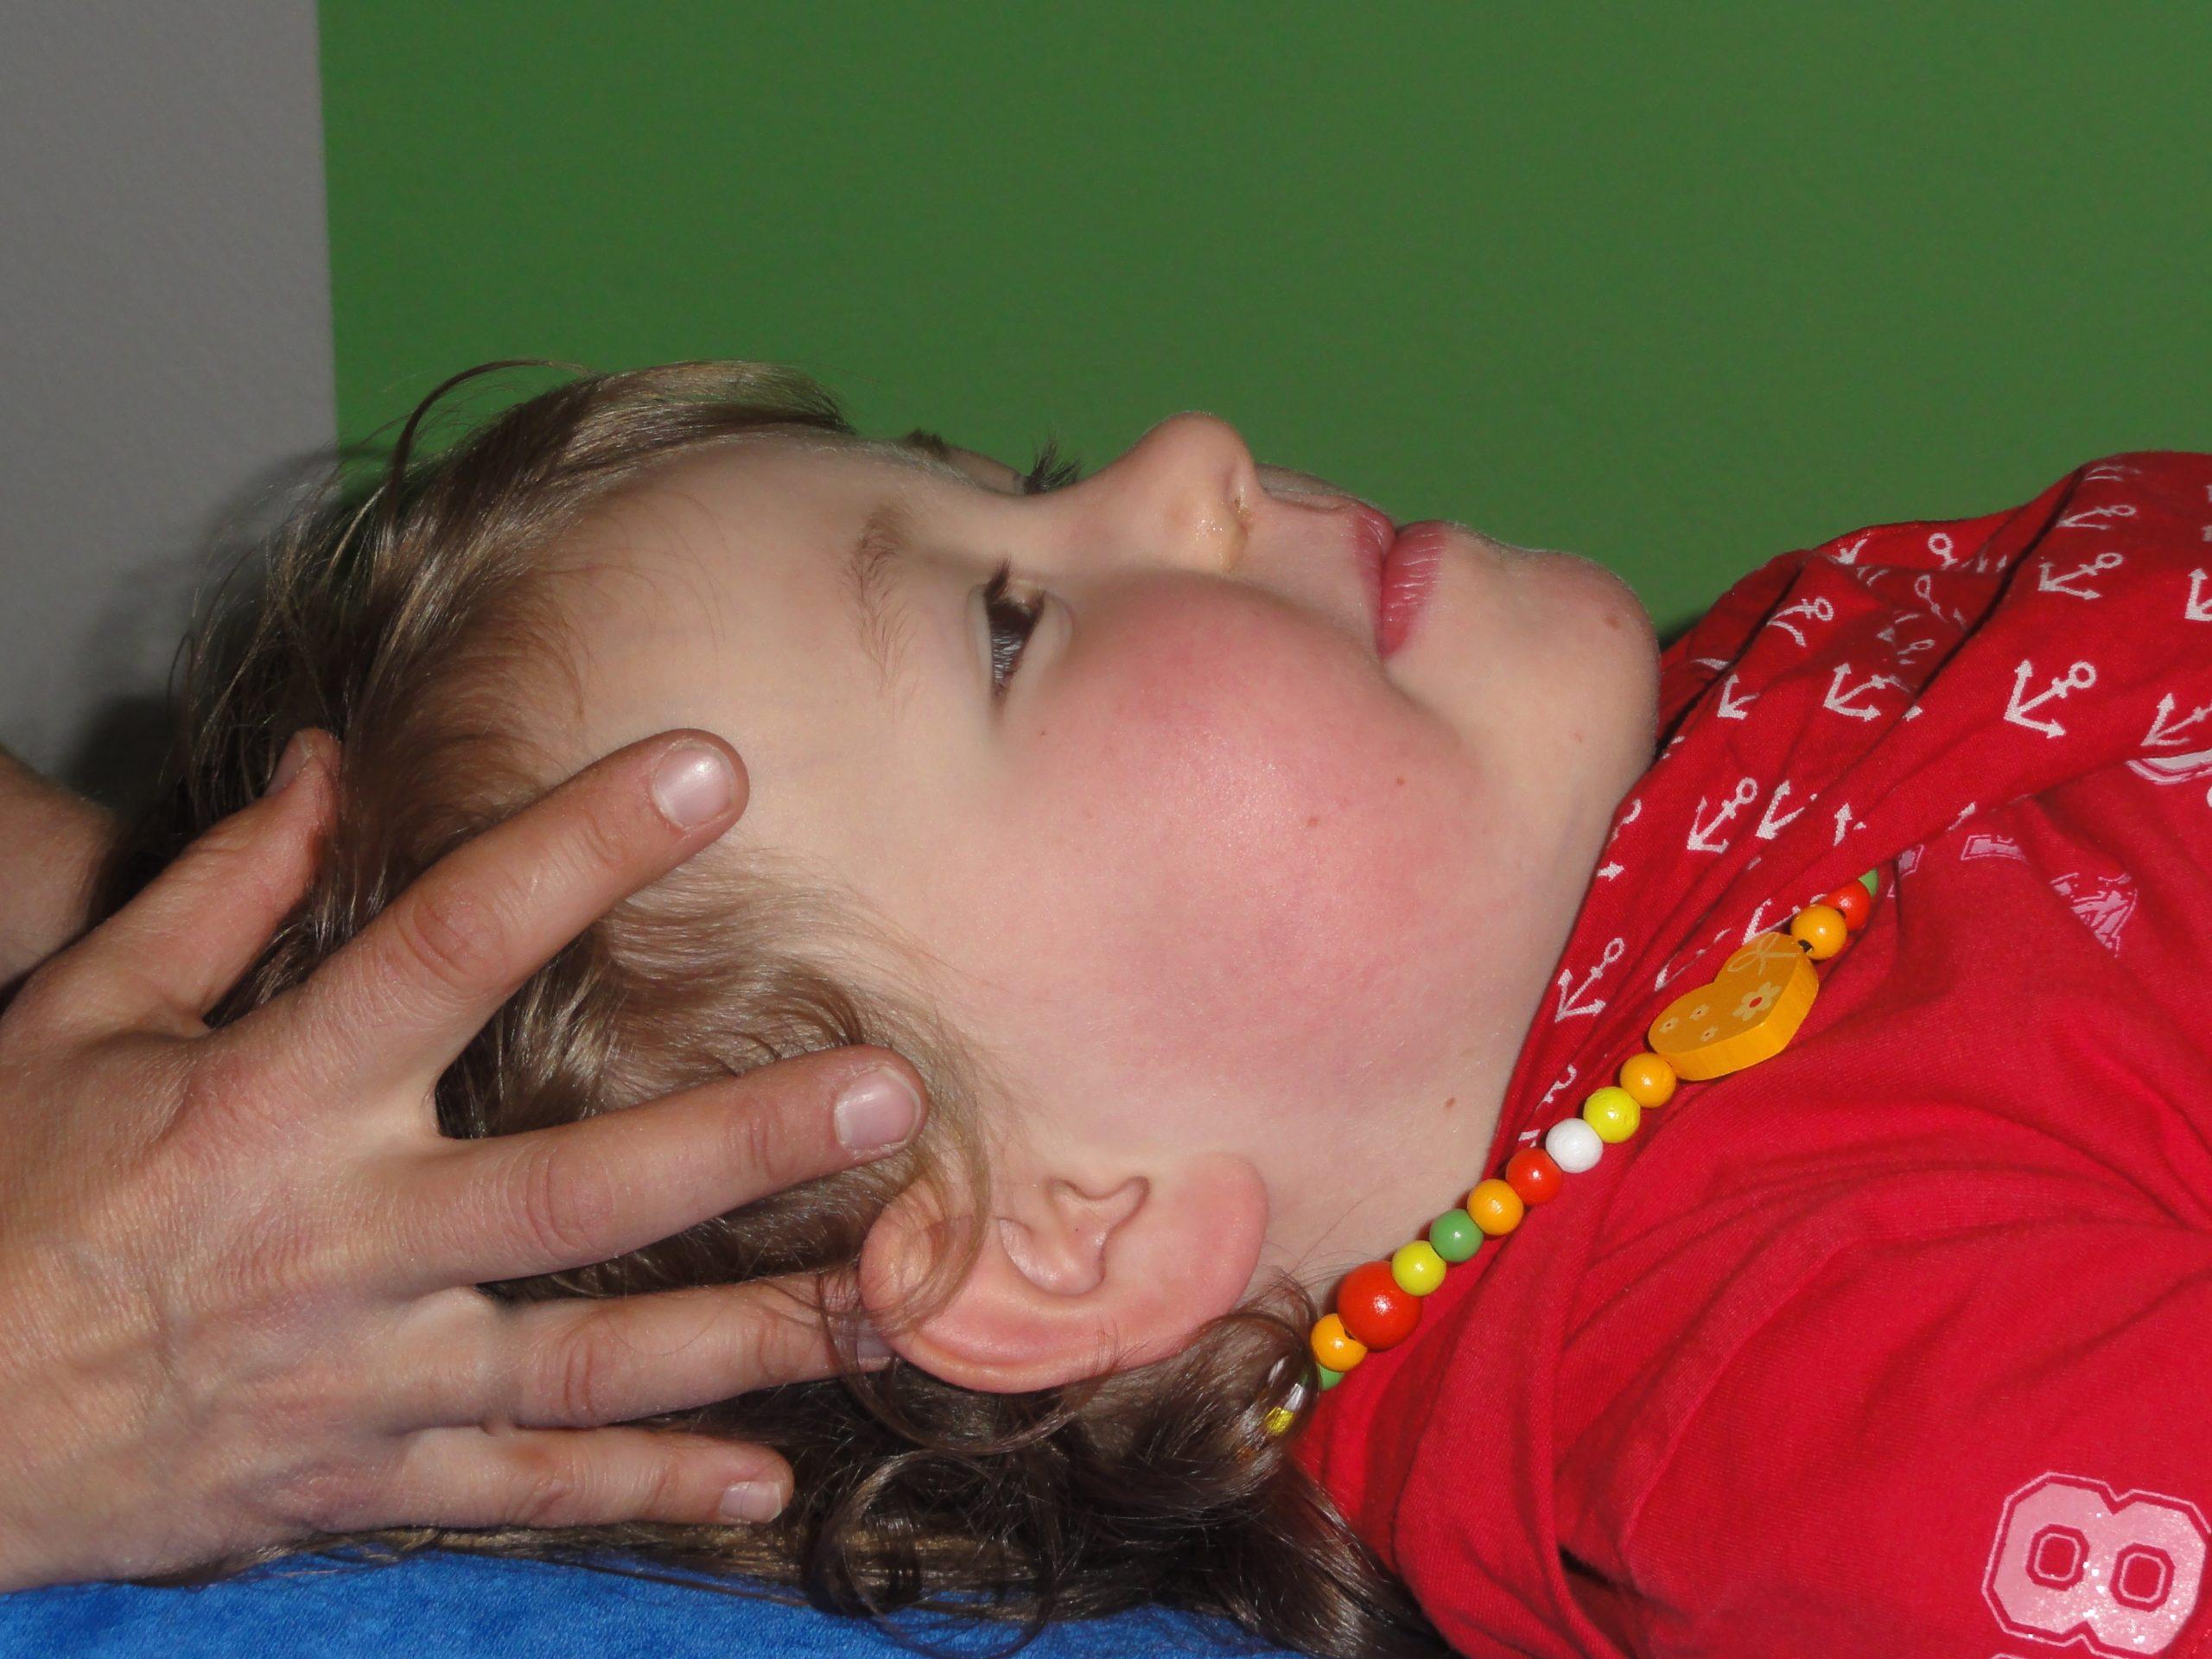 Cranio bei Babys und Kindern